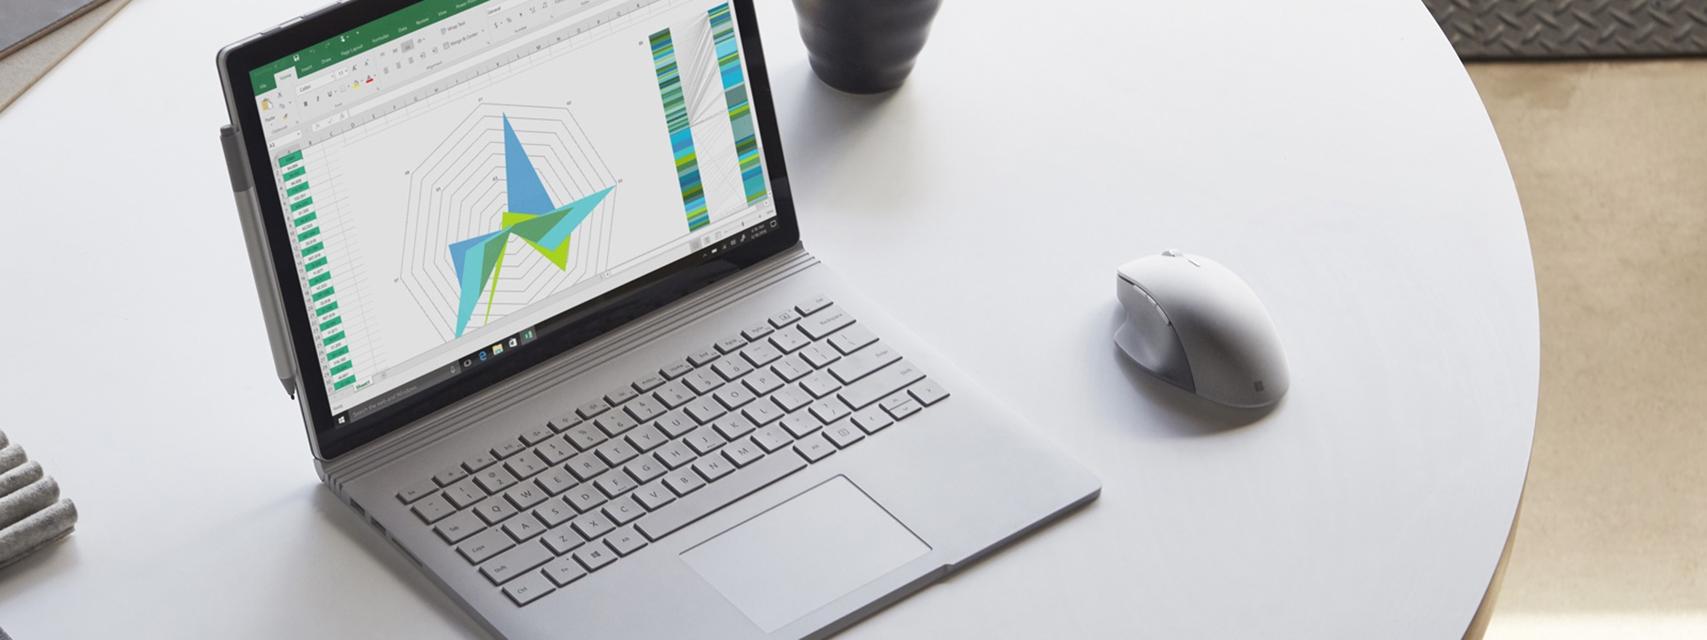 Imagem de Novo mouse de precisão da Microsoft foca em design e personalização no tecmundo